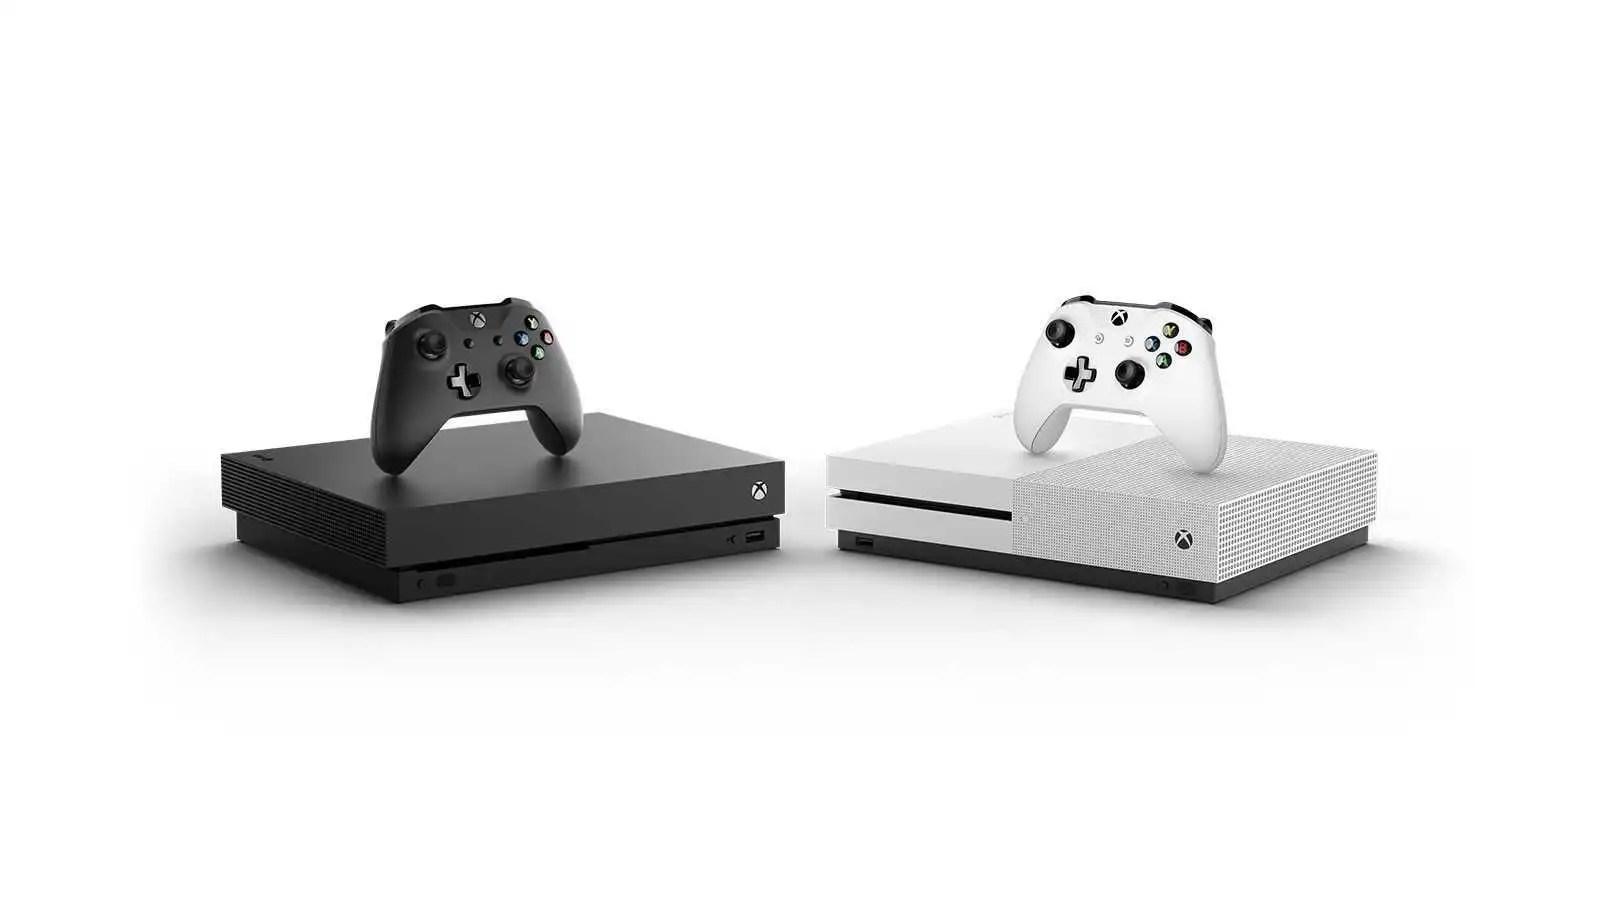 Vendute circa 35 milioni di Xbox One — Microsoft